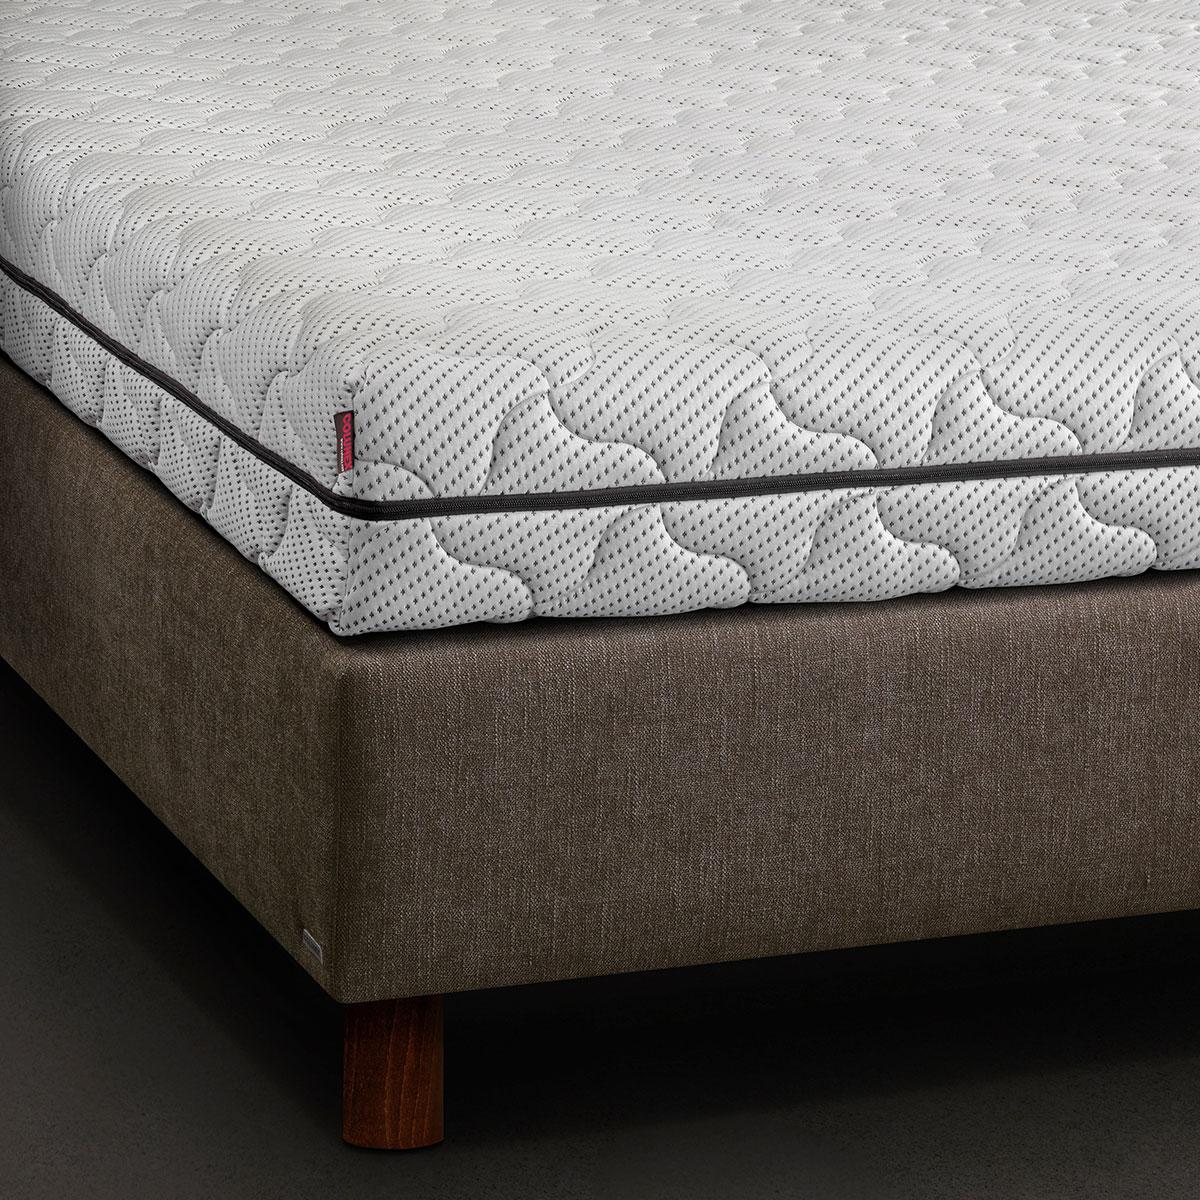 eco plus Colchão Eco Plus colunex eco plus mattress 01 3